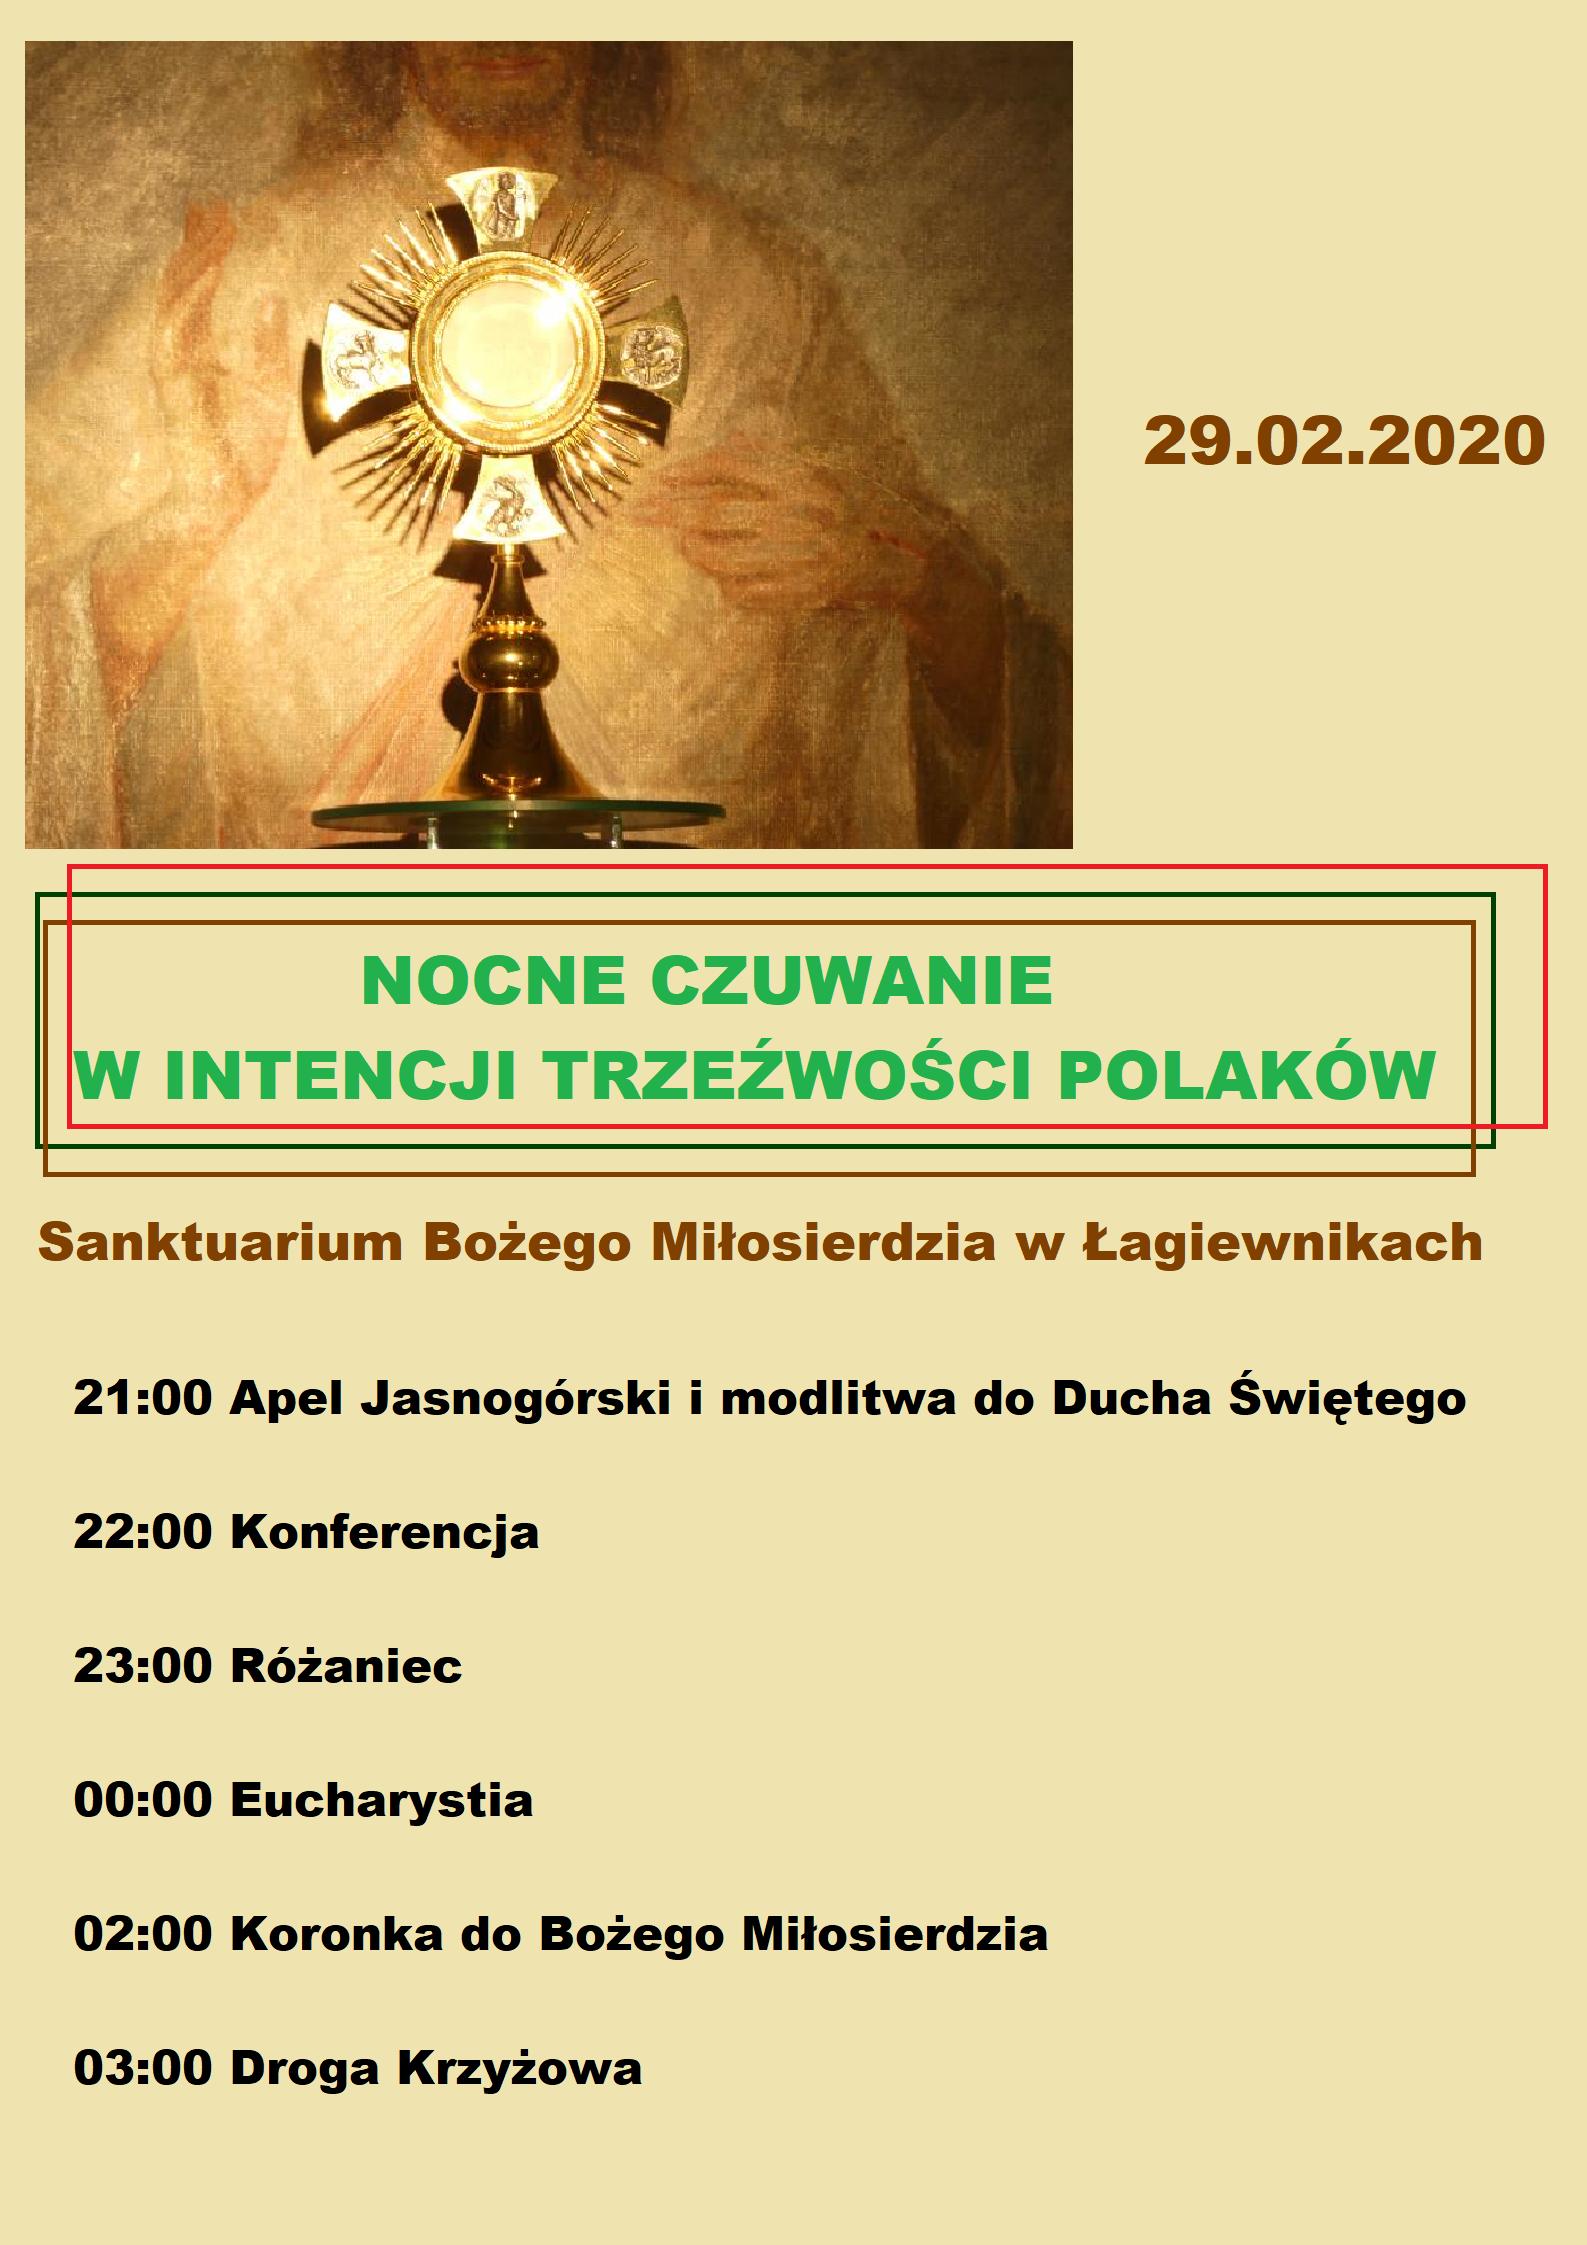 Nocne czuwanie w intencji trzeźwości Polaków